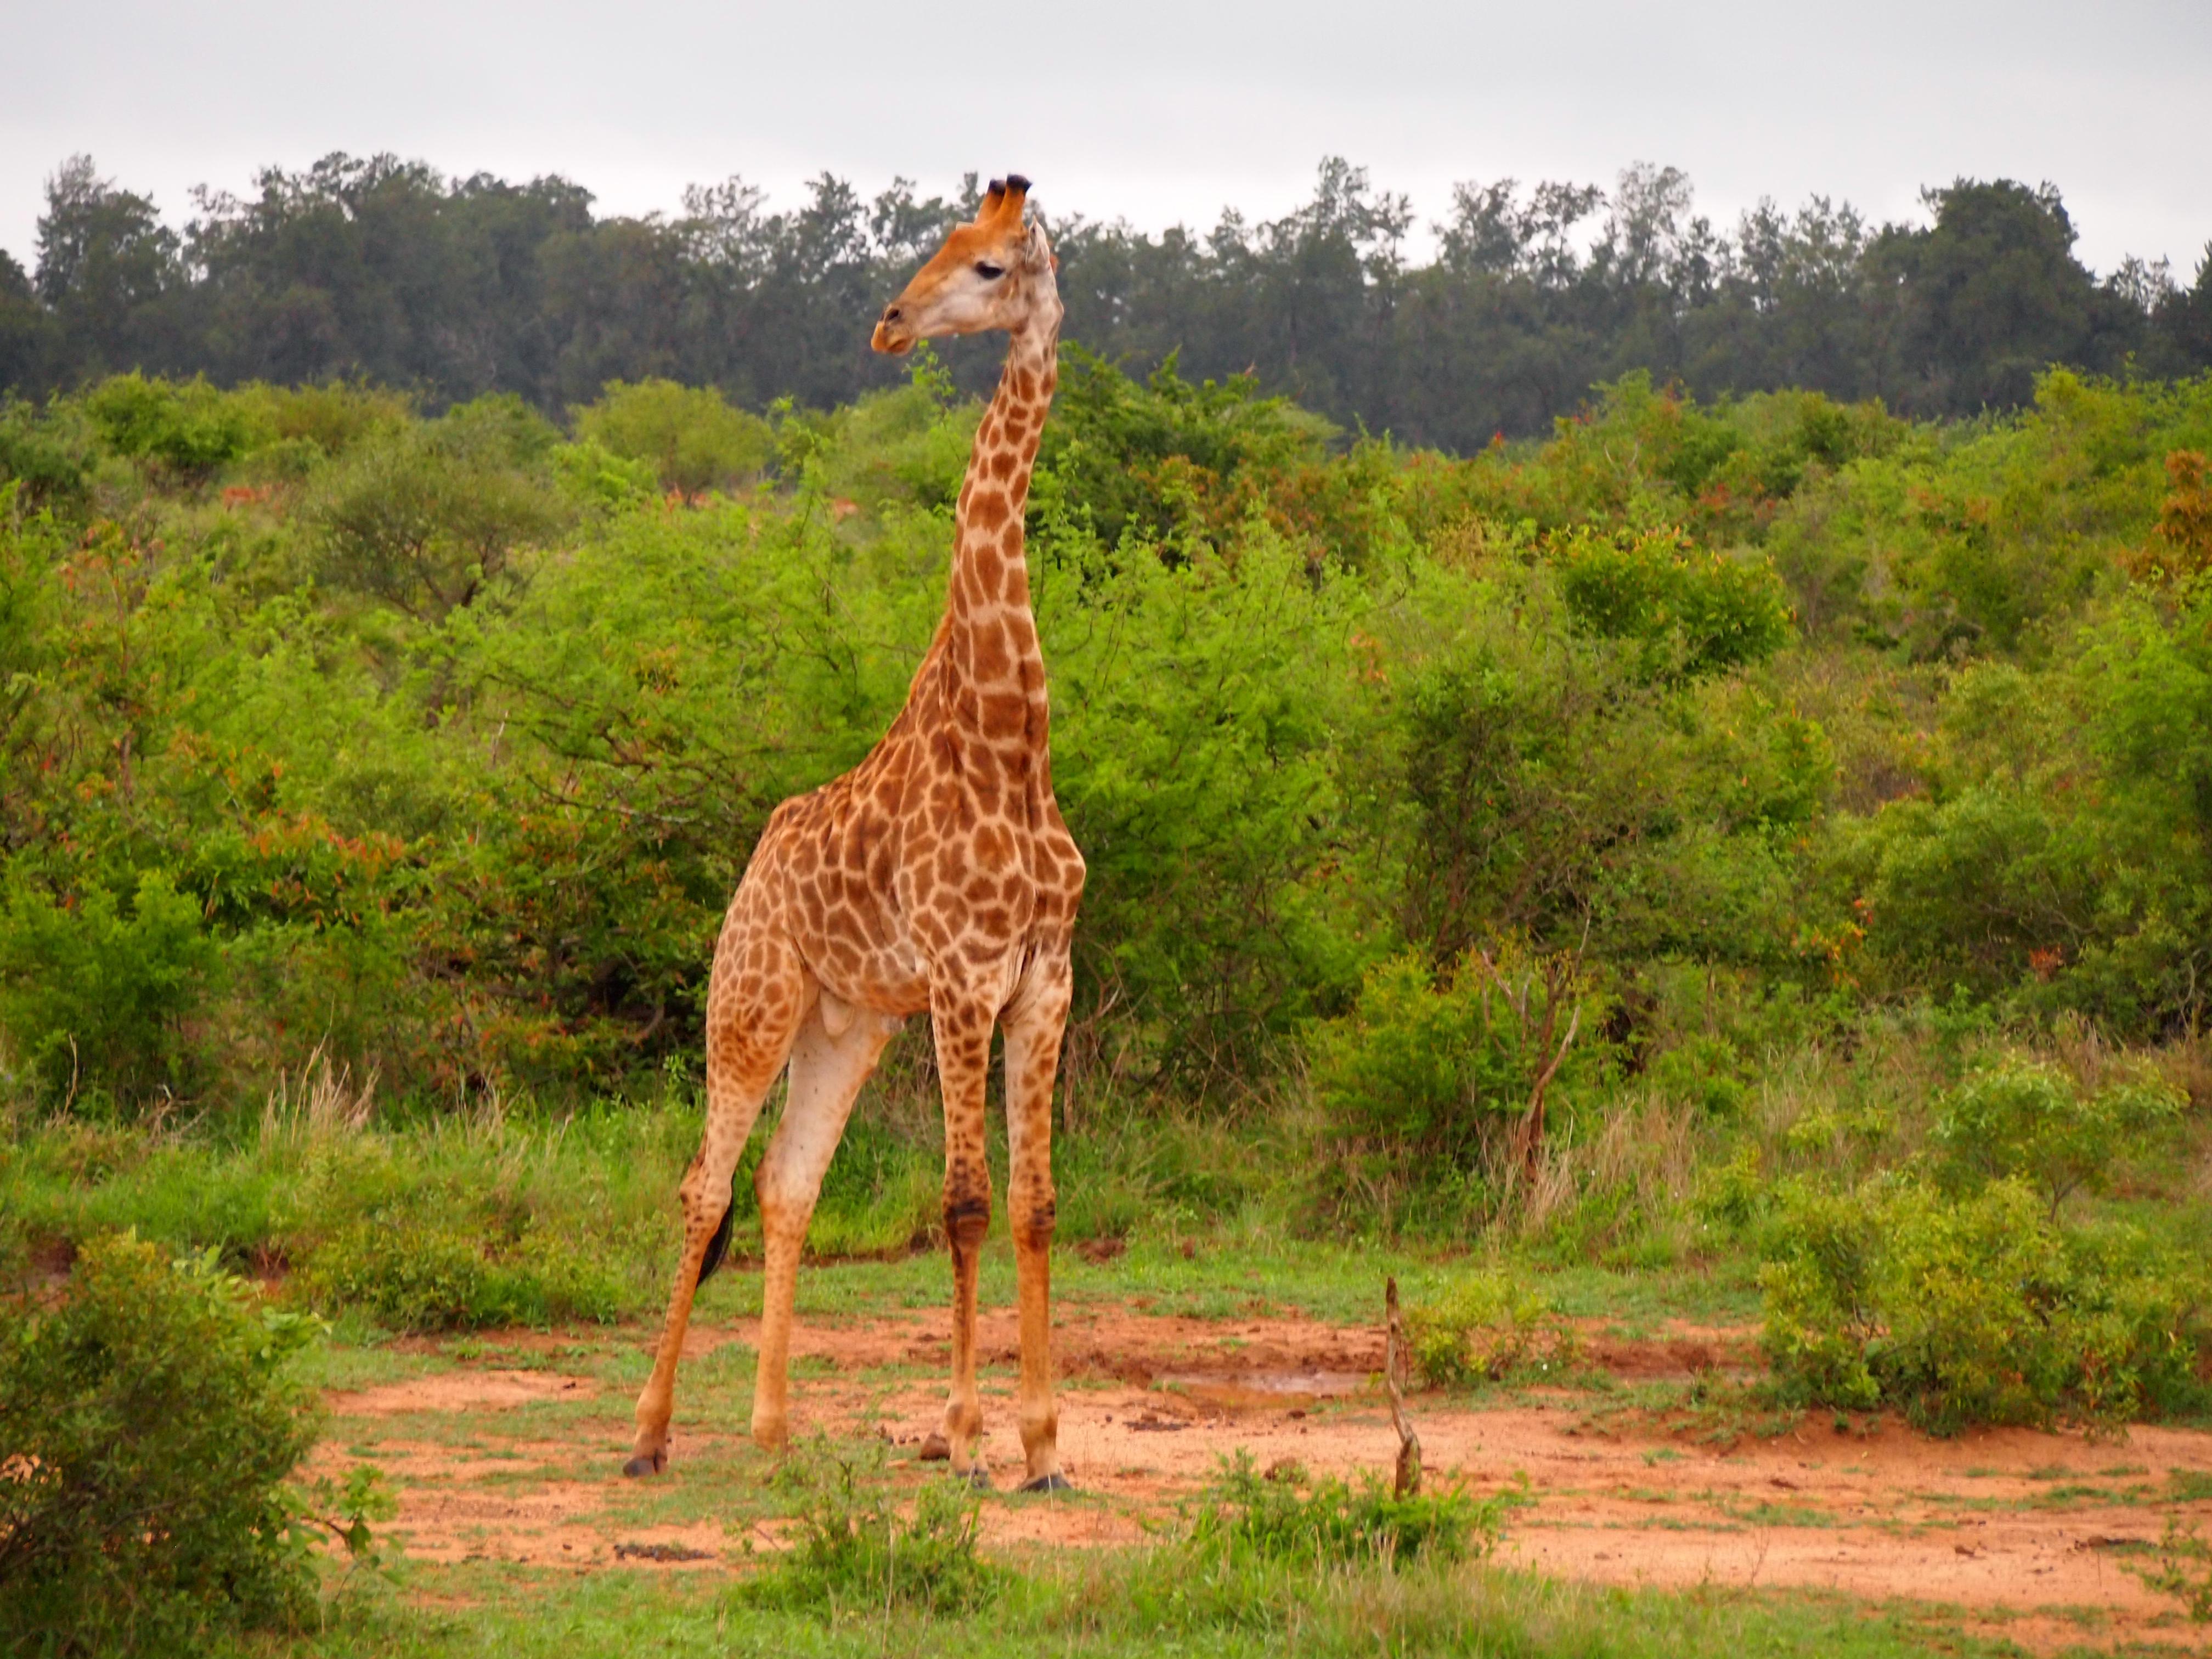 A tall guy